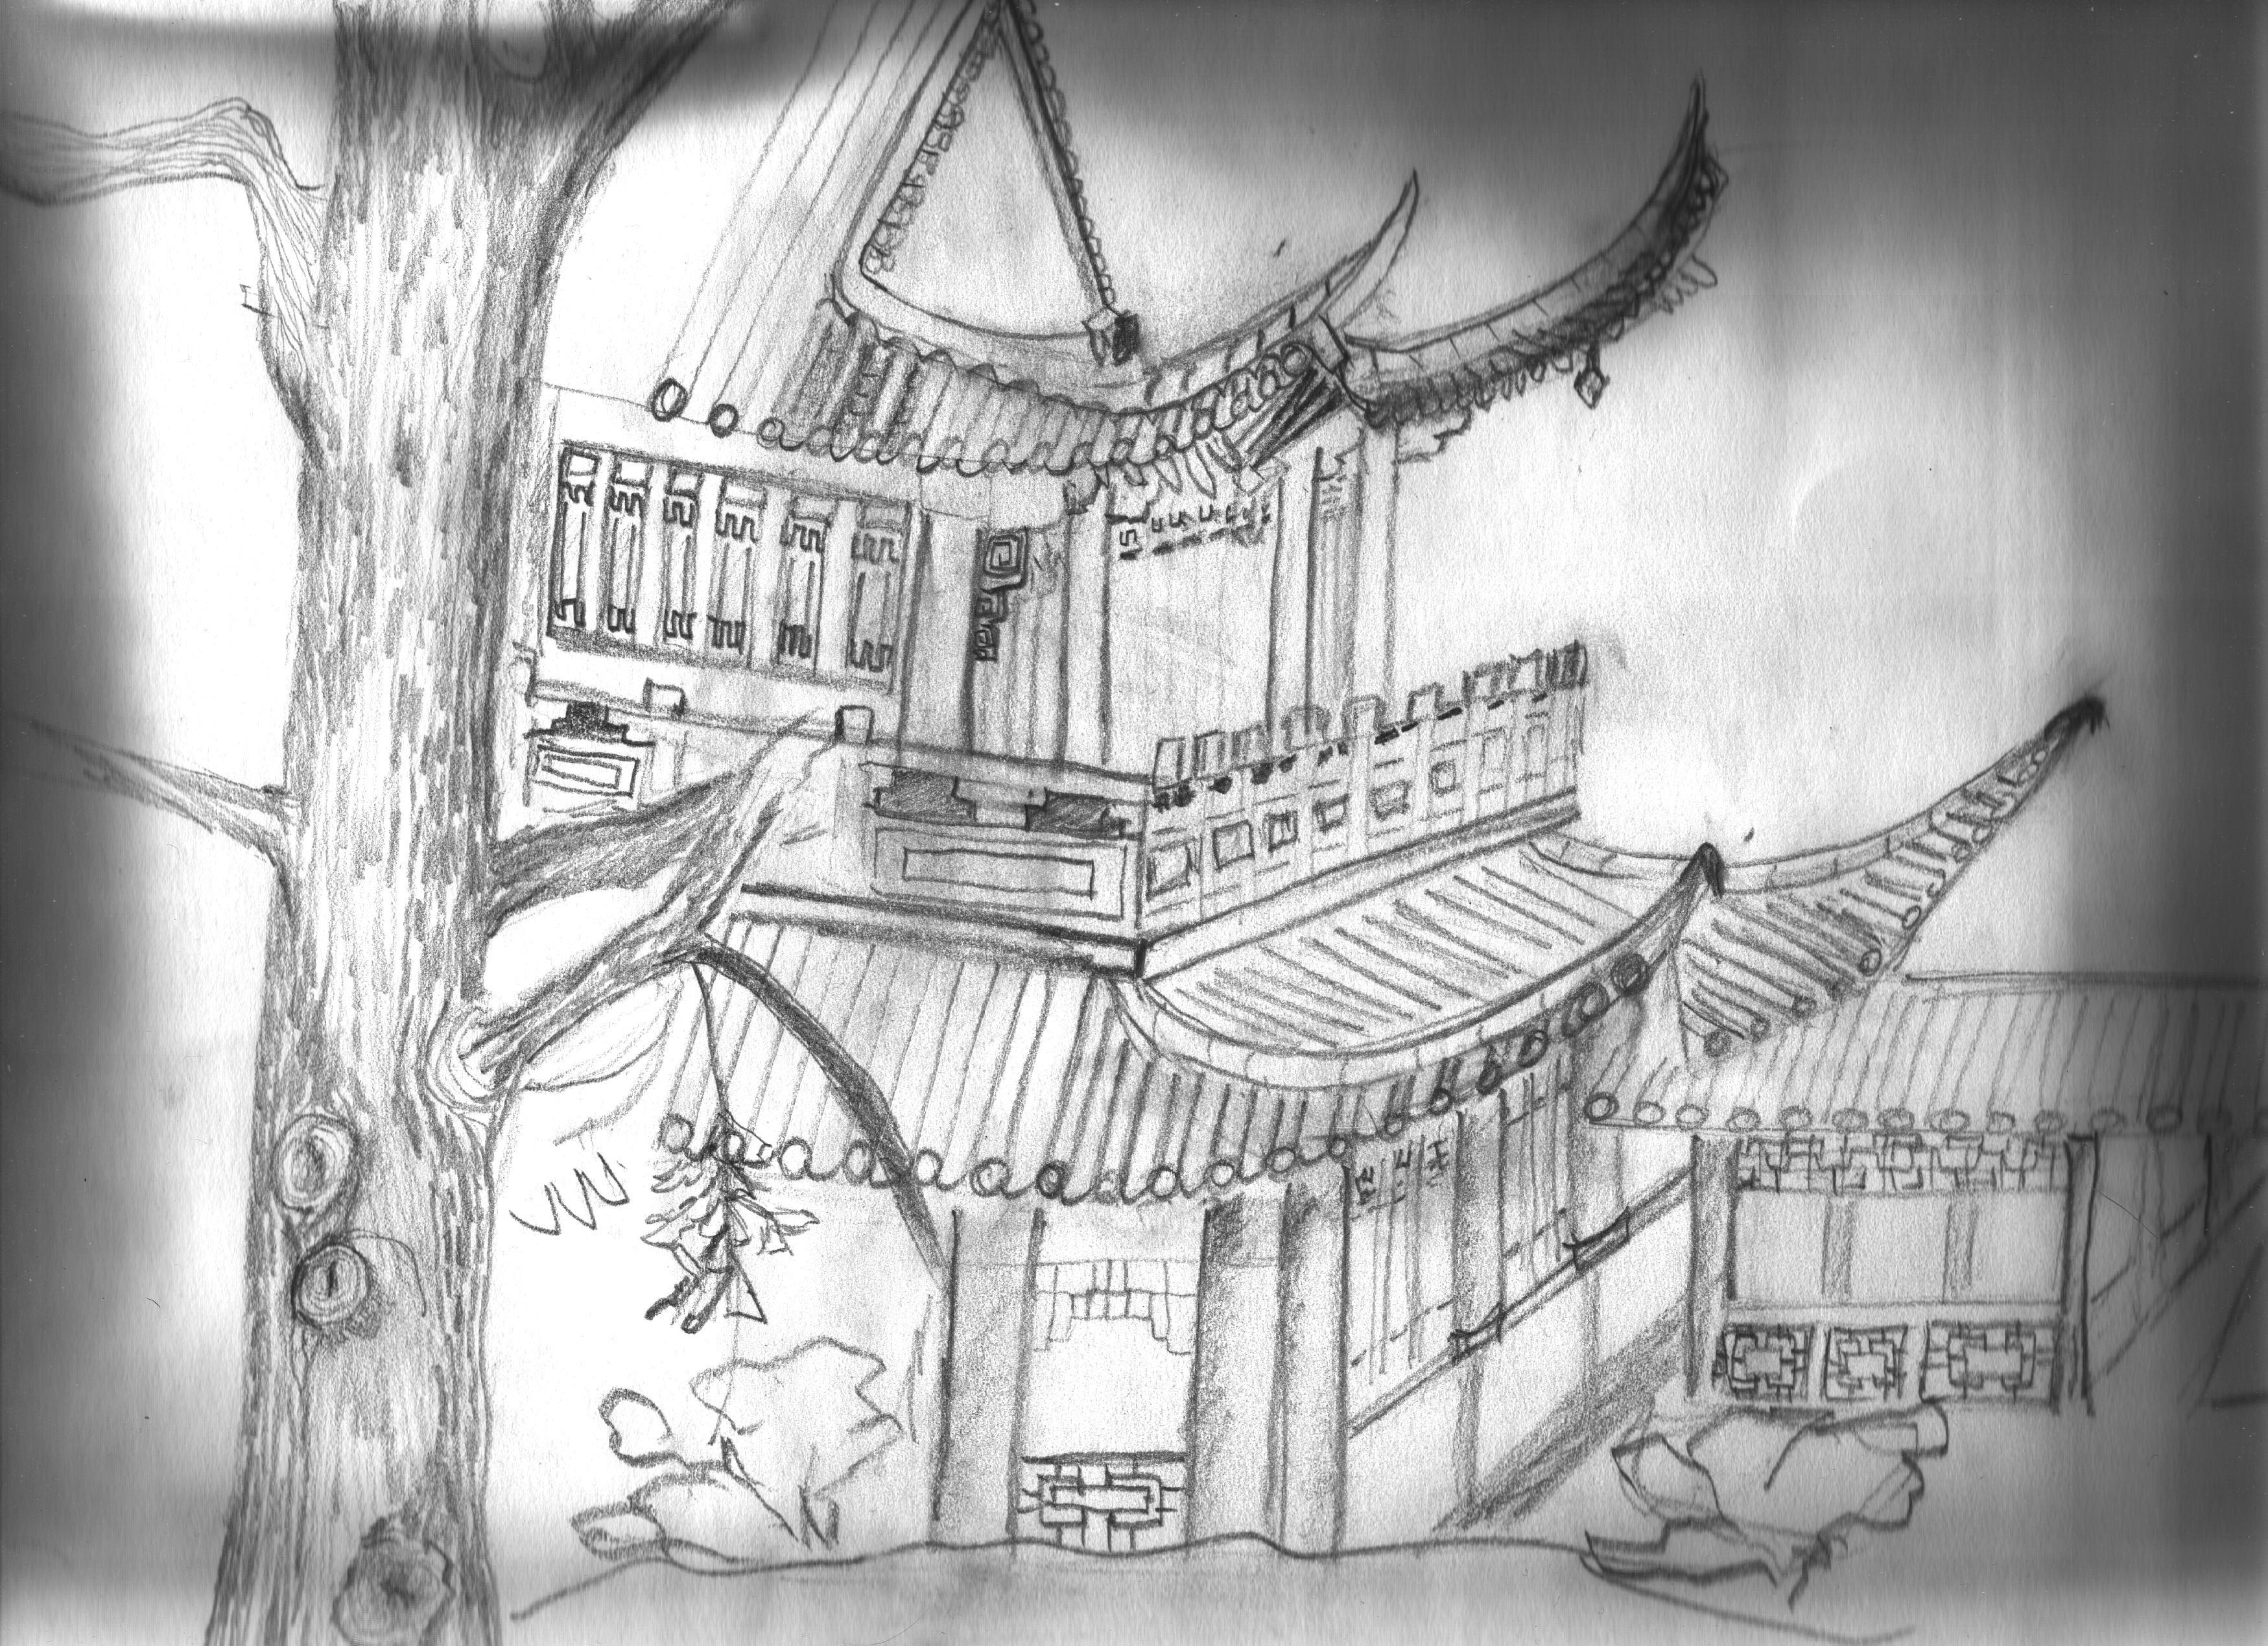 Gambar Pensil Hitam Dan Putih Satu Warna Sketsa Gambar